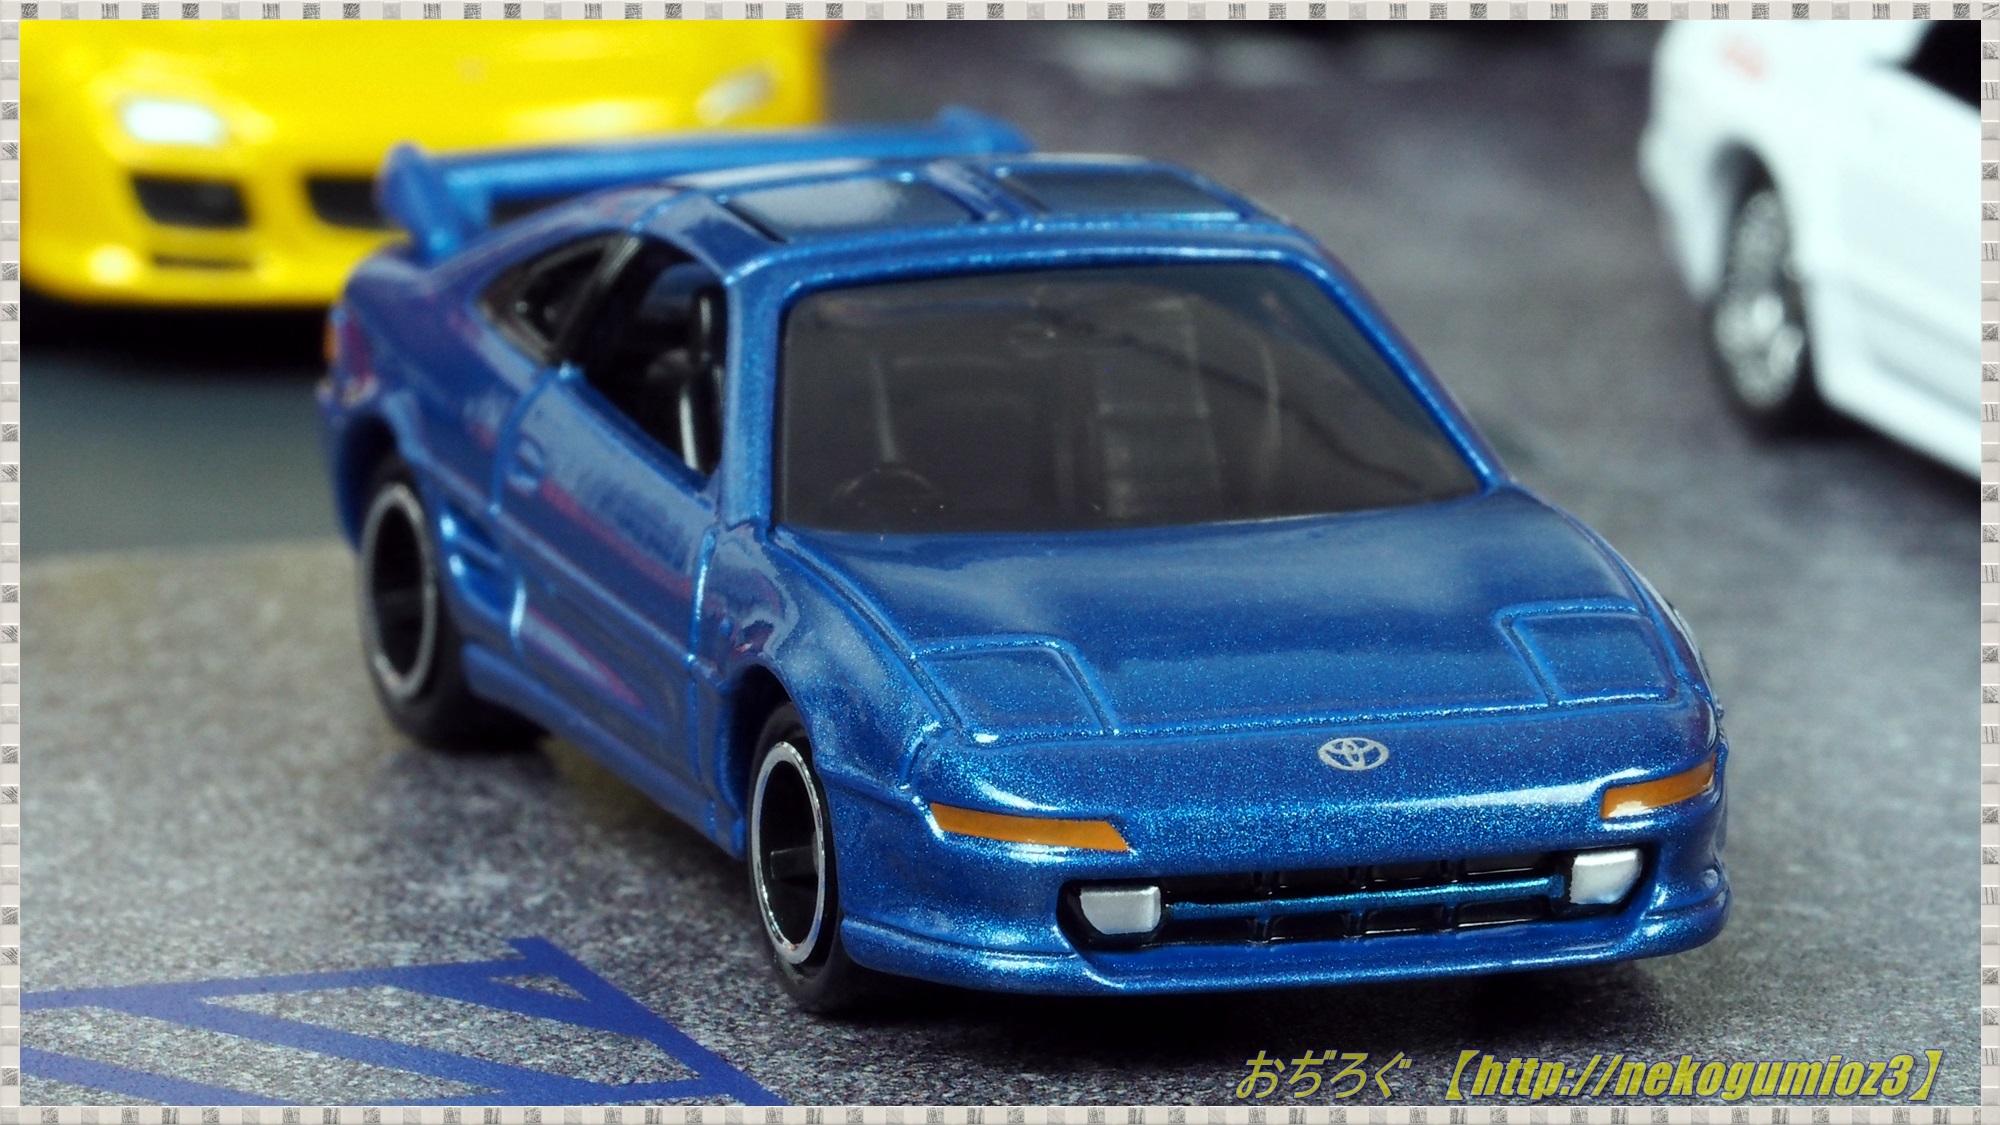 200118164.jpg